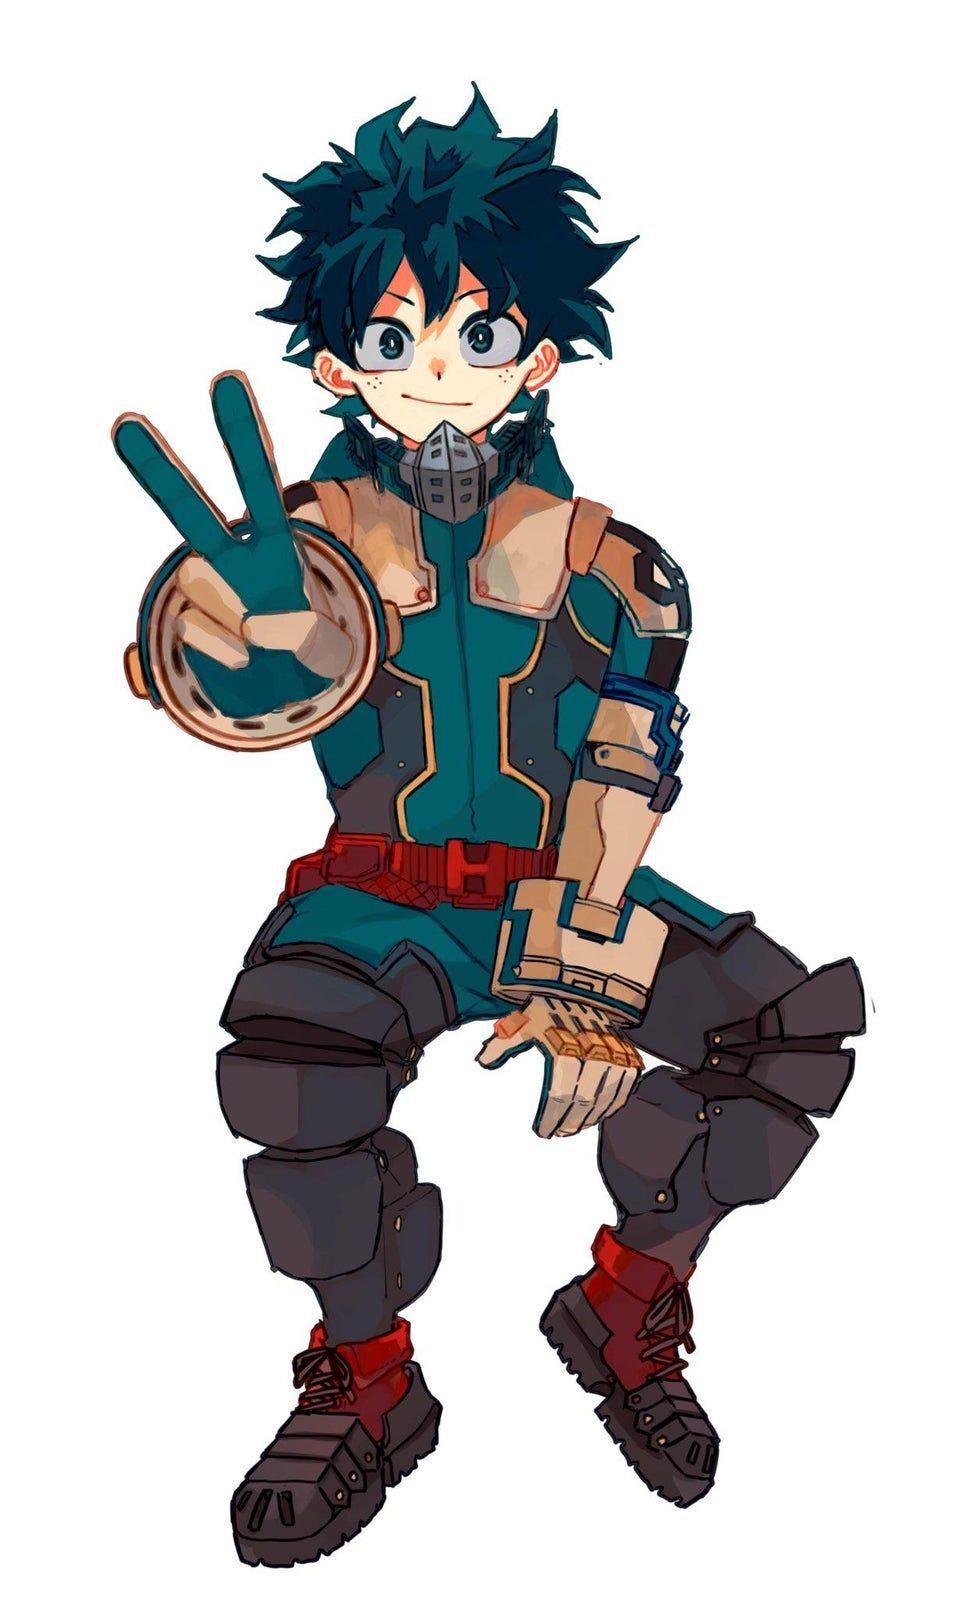 Reddit Churchofmidoriya Deku S 5th Popularity Poll Suit By Kirisame 1027 My Hero Academia Episodes Anime Guys My Hero Academia Manga